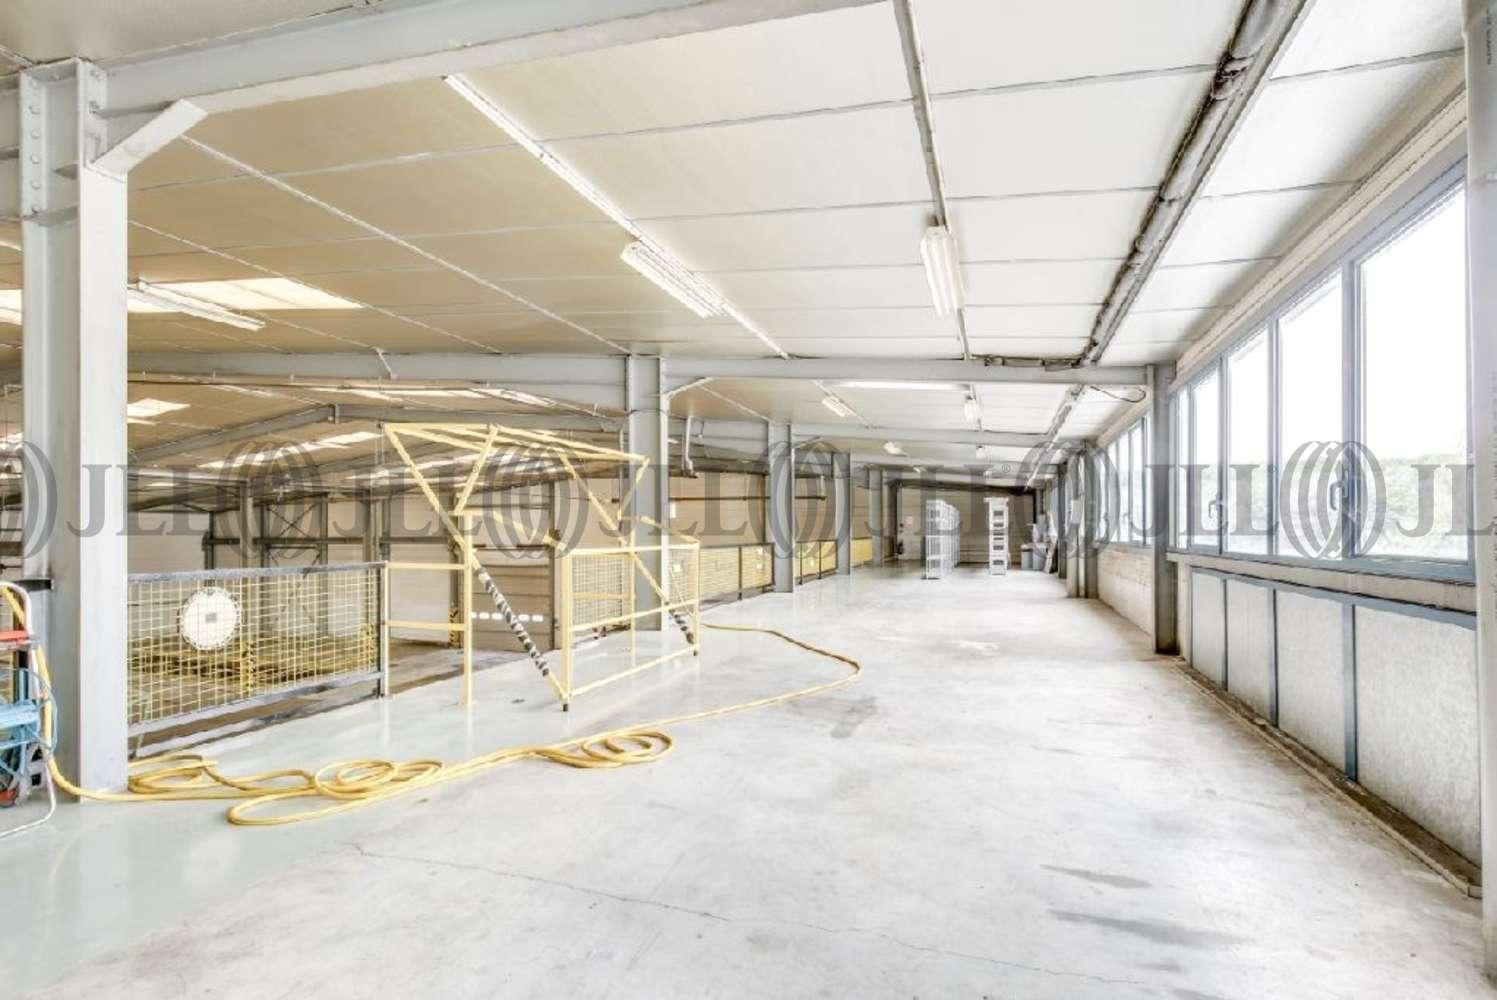 Activités/entrepôt Villeneuve sous dammartin, 77230 - 8 RUE DES ACACIAS - 9465546